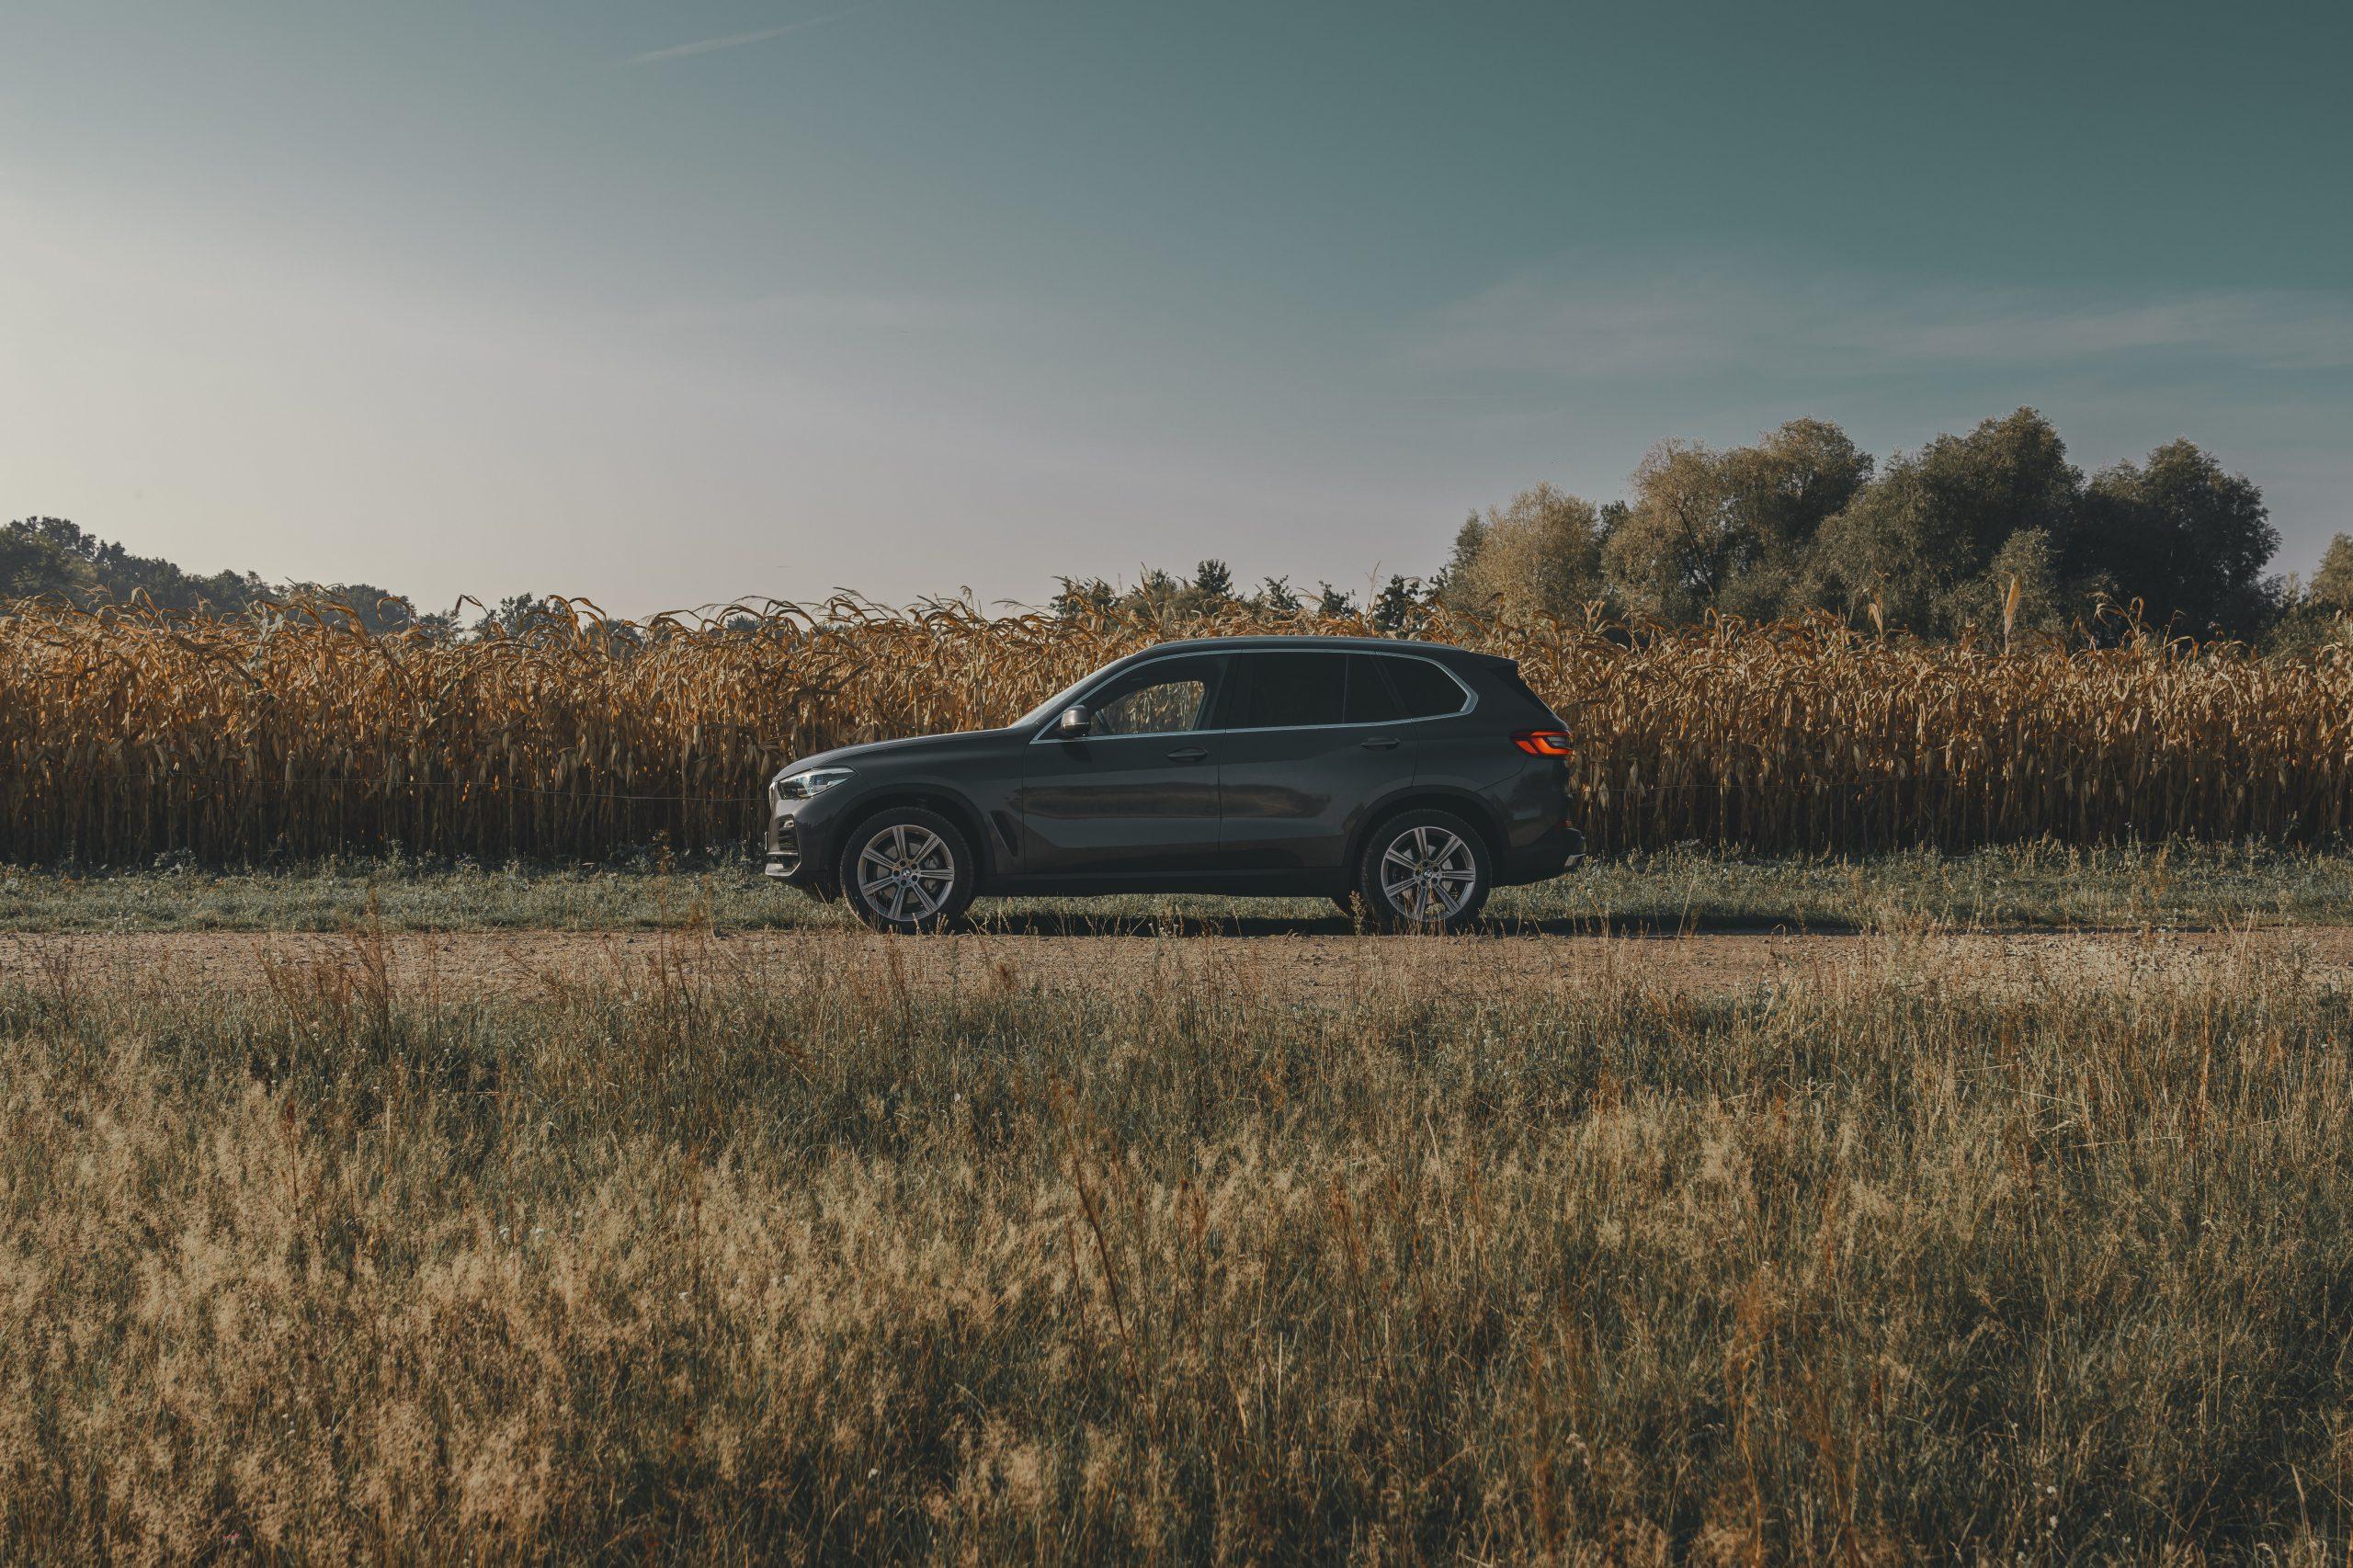 MietMe-Urlaubsauto-X5-Herbst-Crop-1